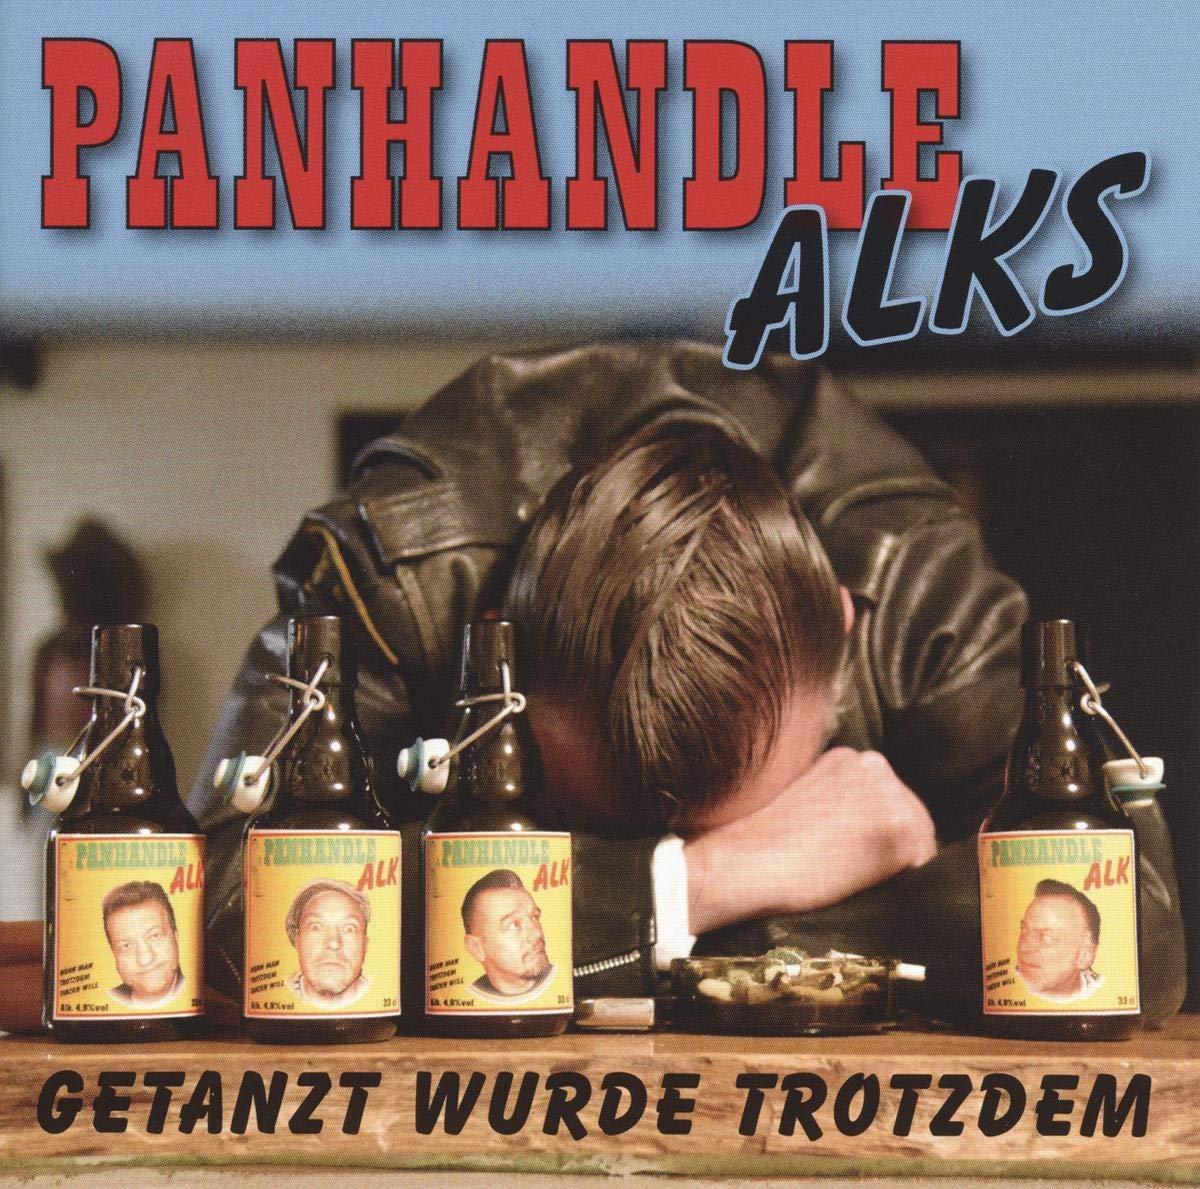 Getanzt Wurde Trotzdem Lp+CD VINYL Mail SALENEW very popular! order